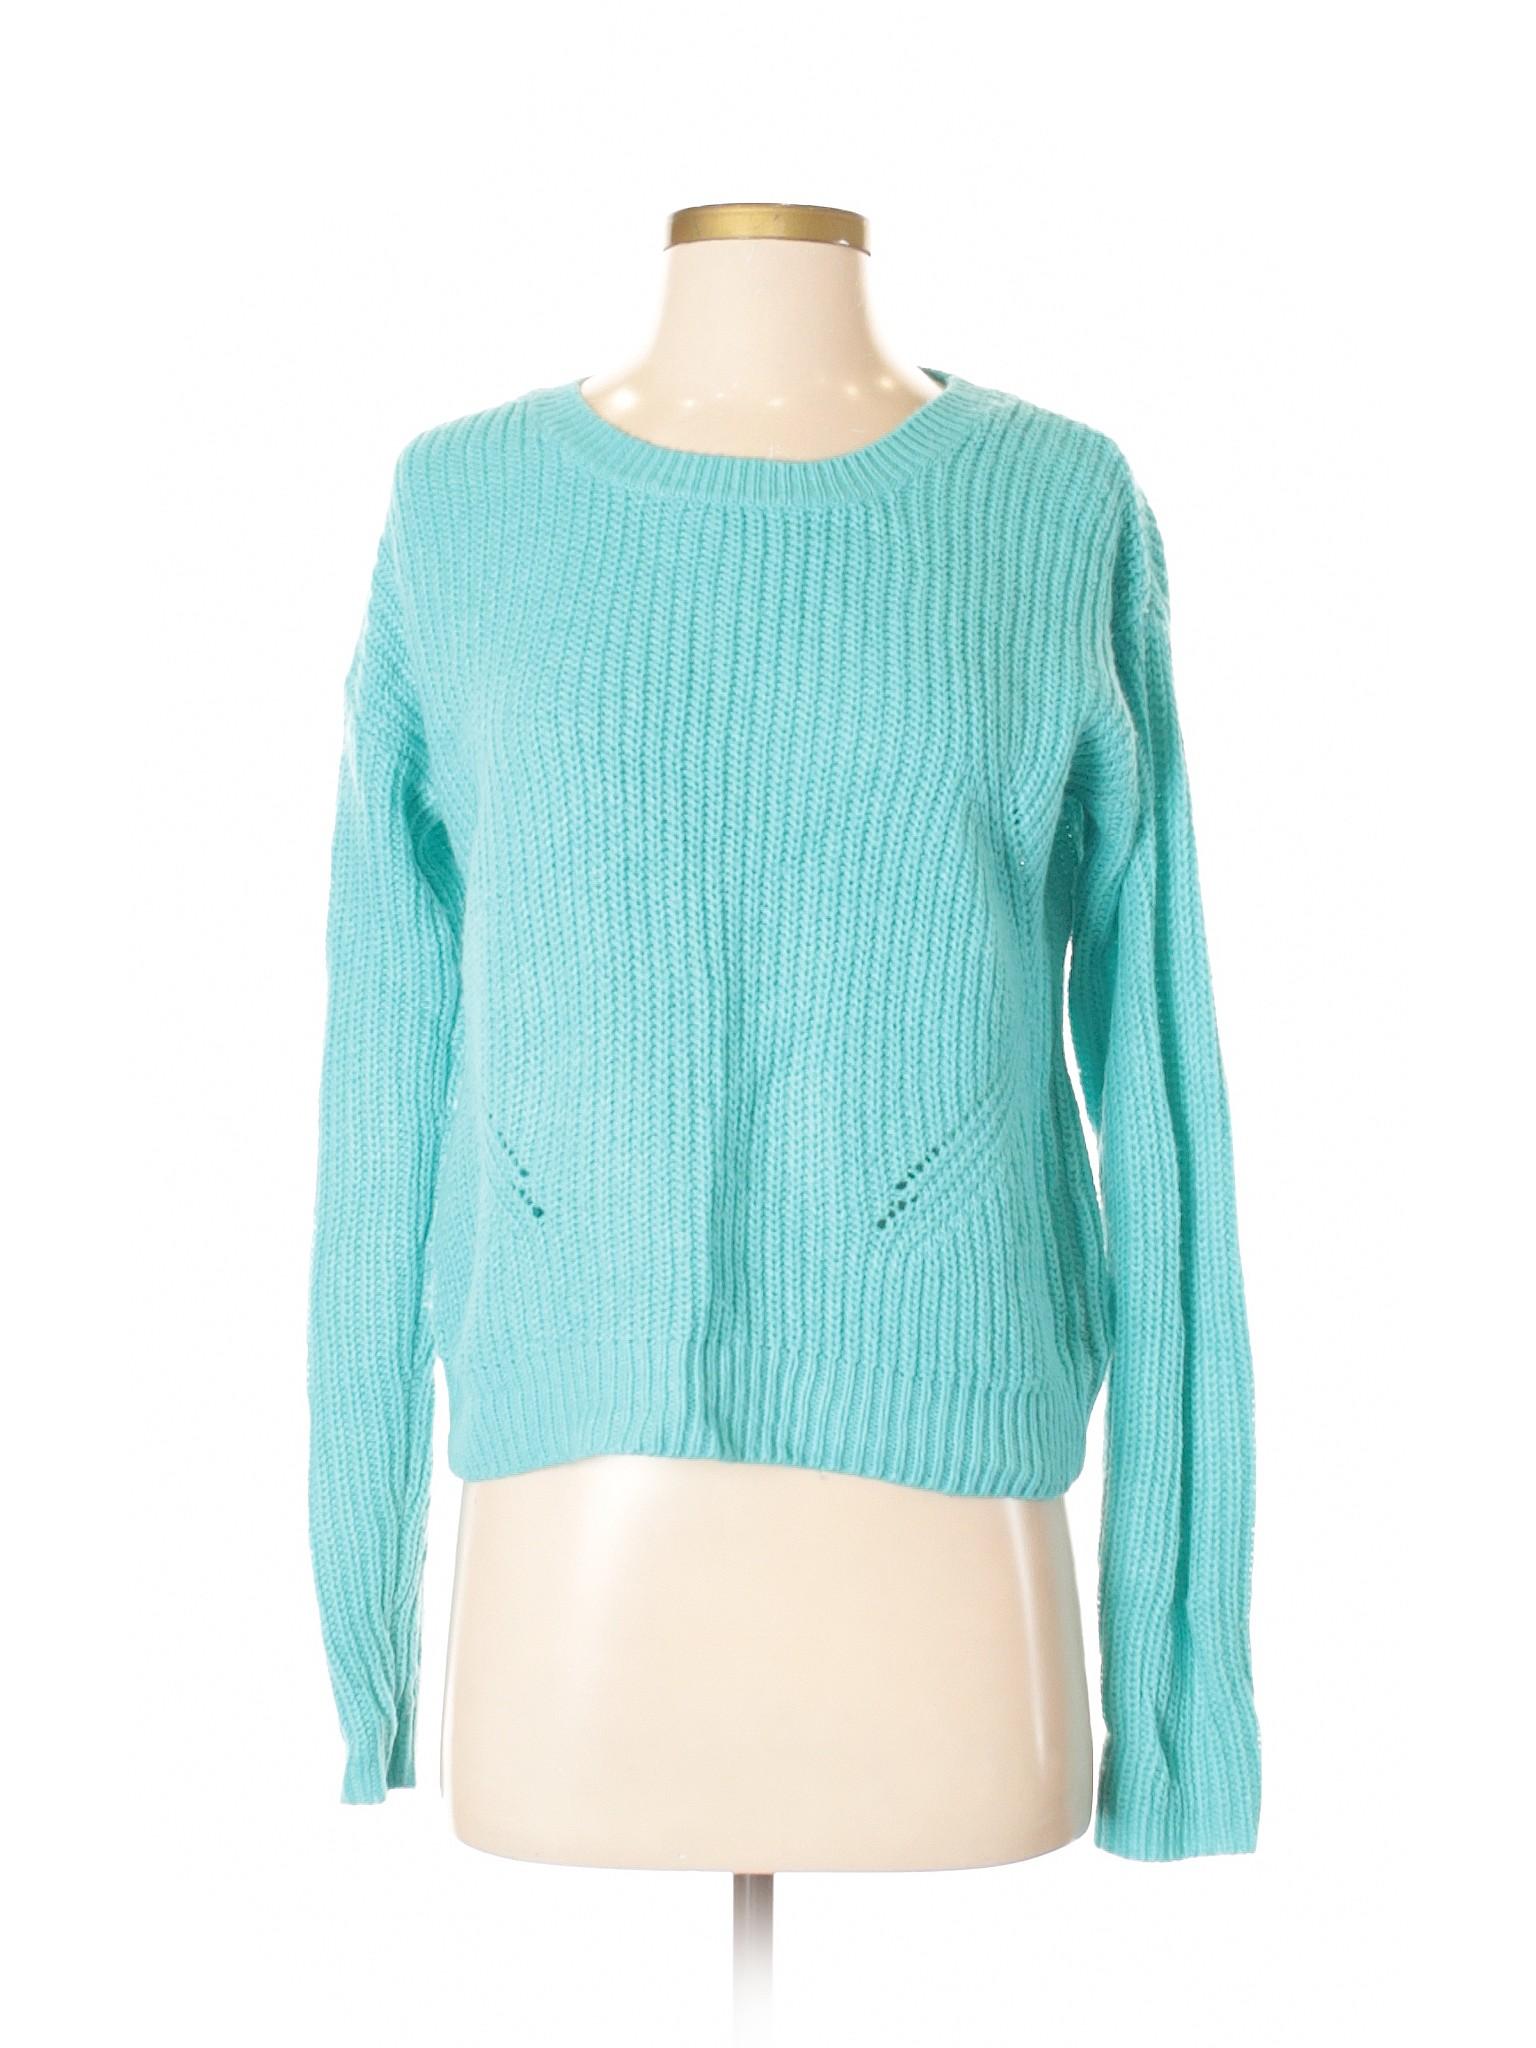 Pullover Boutique Boutique Sweater Aeropostale Pullover Sweater Aeropostale Aeropostale Boutique Pullover RdPxwRq